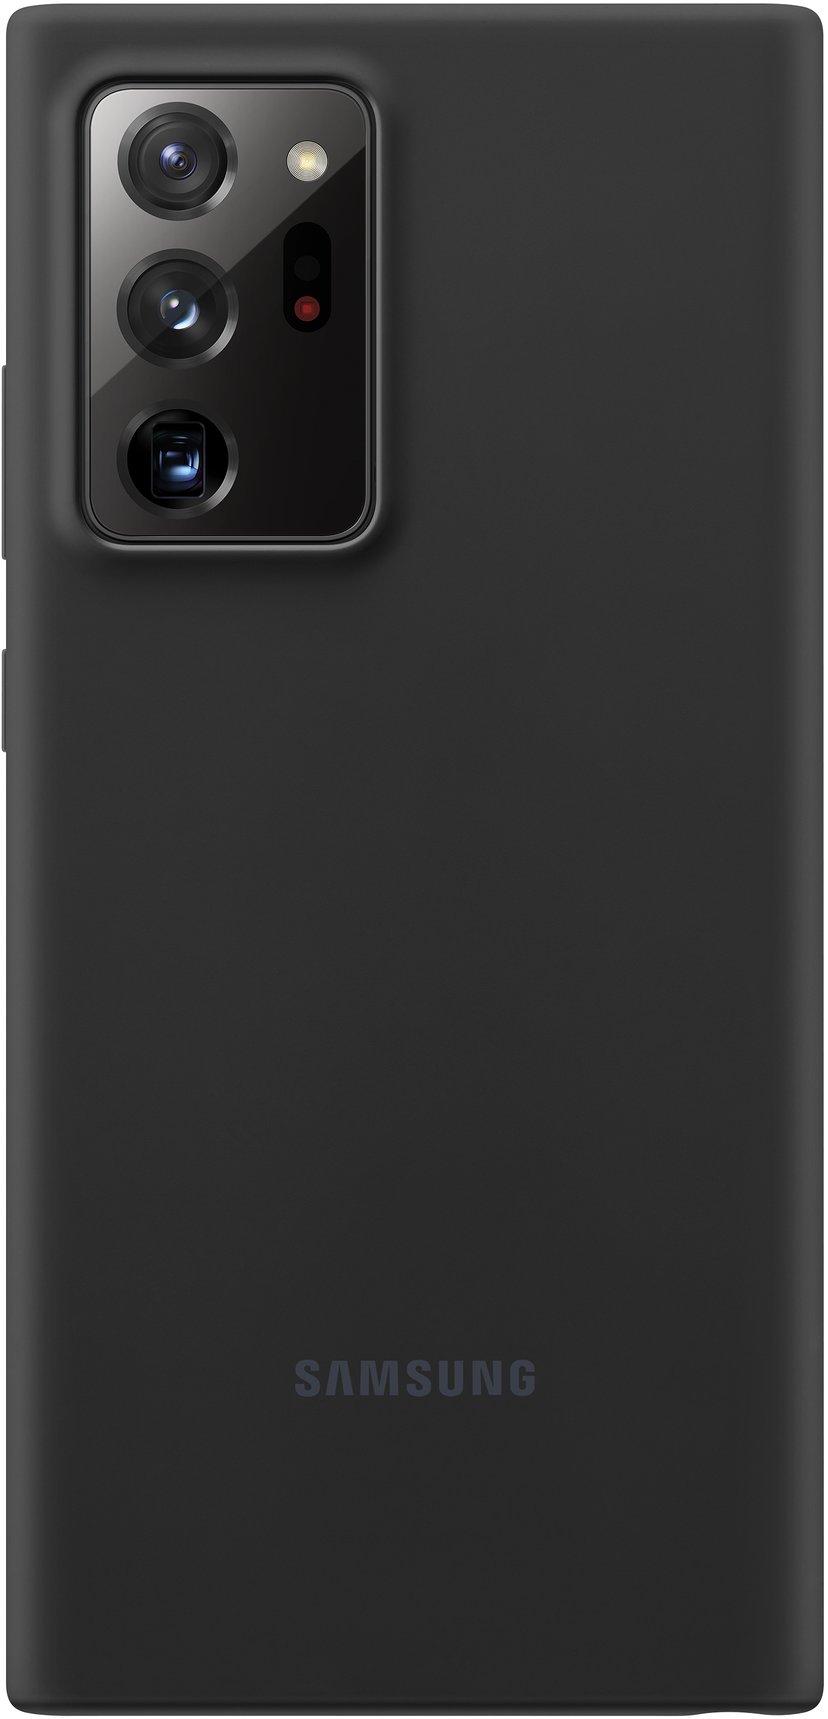 Samsung Baksidesskydd för mobiltelefon Samsung Galaxy Note 20 Ultra Mystic Black